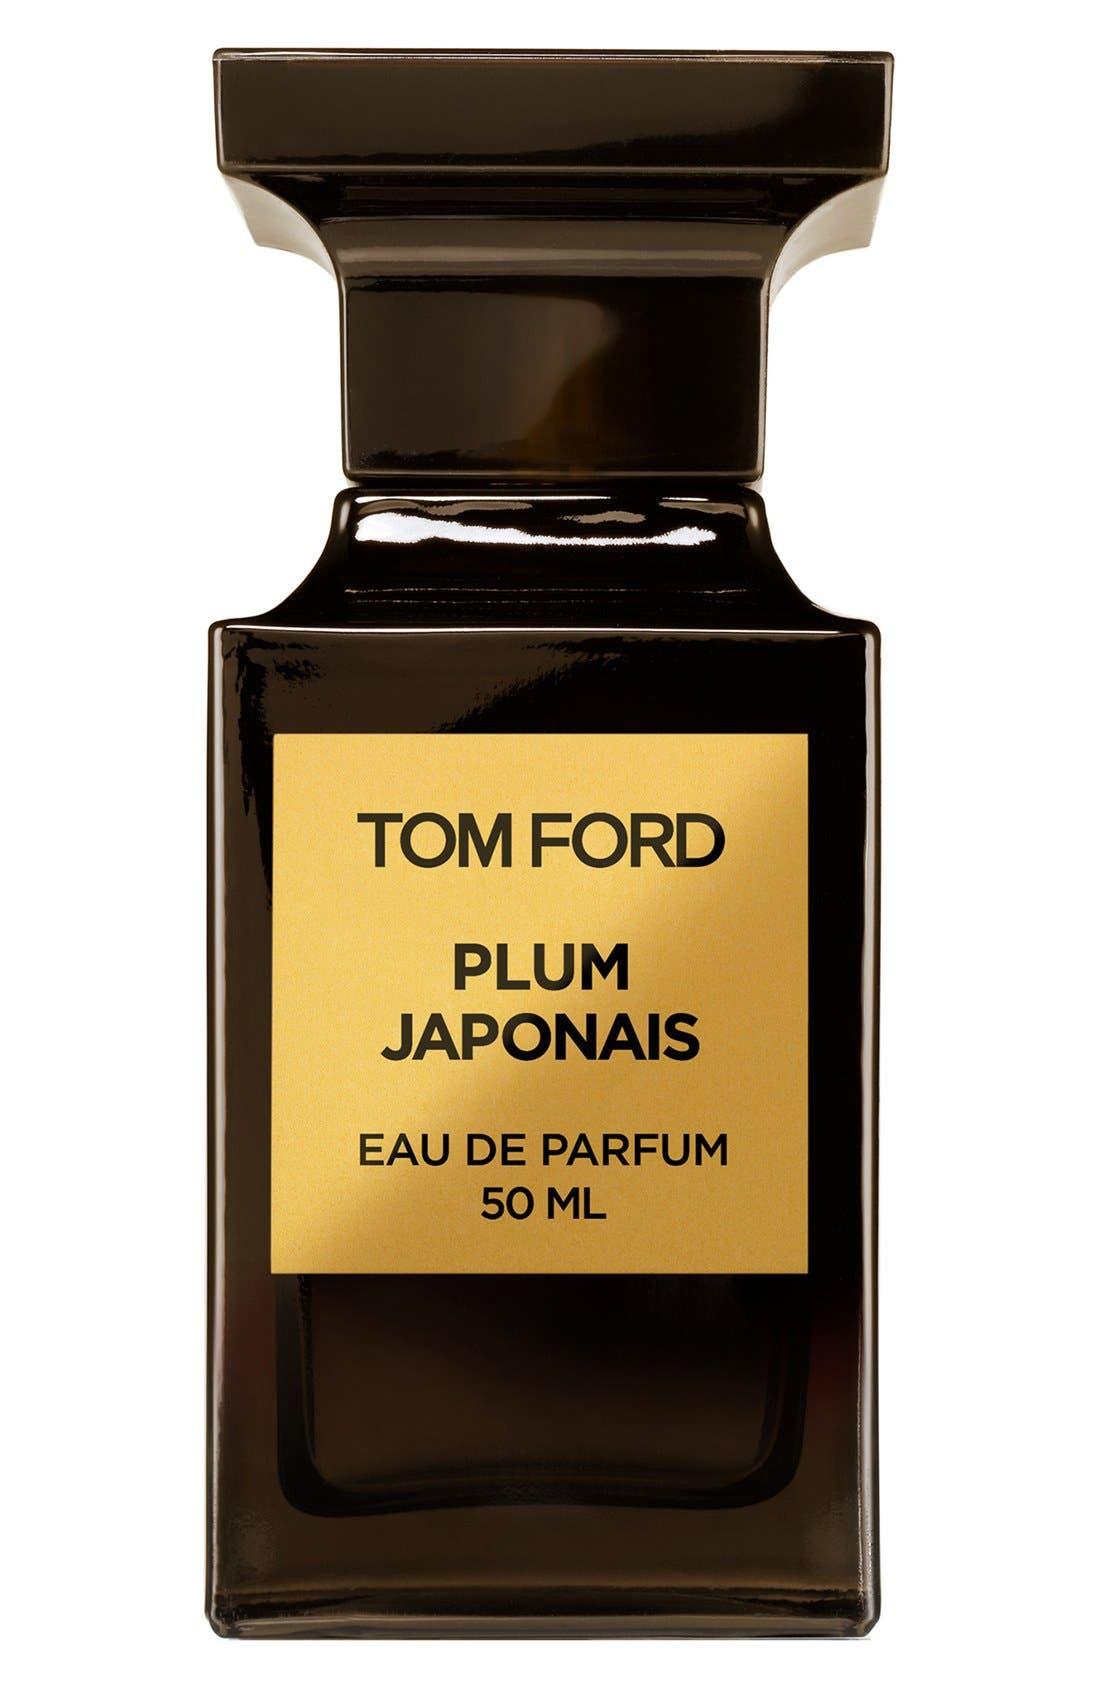 Tom Ford Private Blend Plum Japonais Eau de Parfum